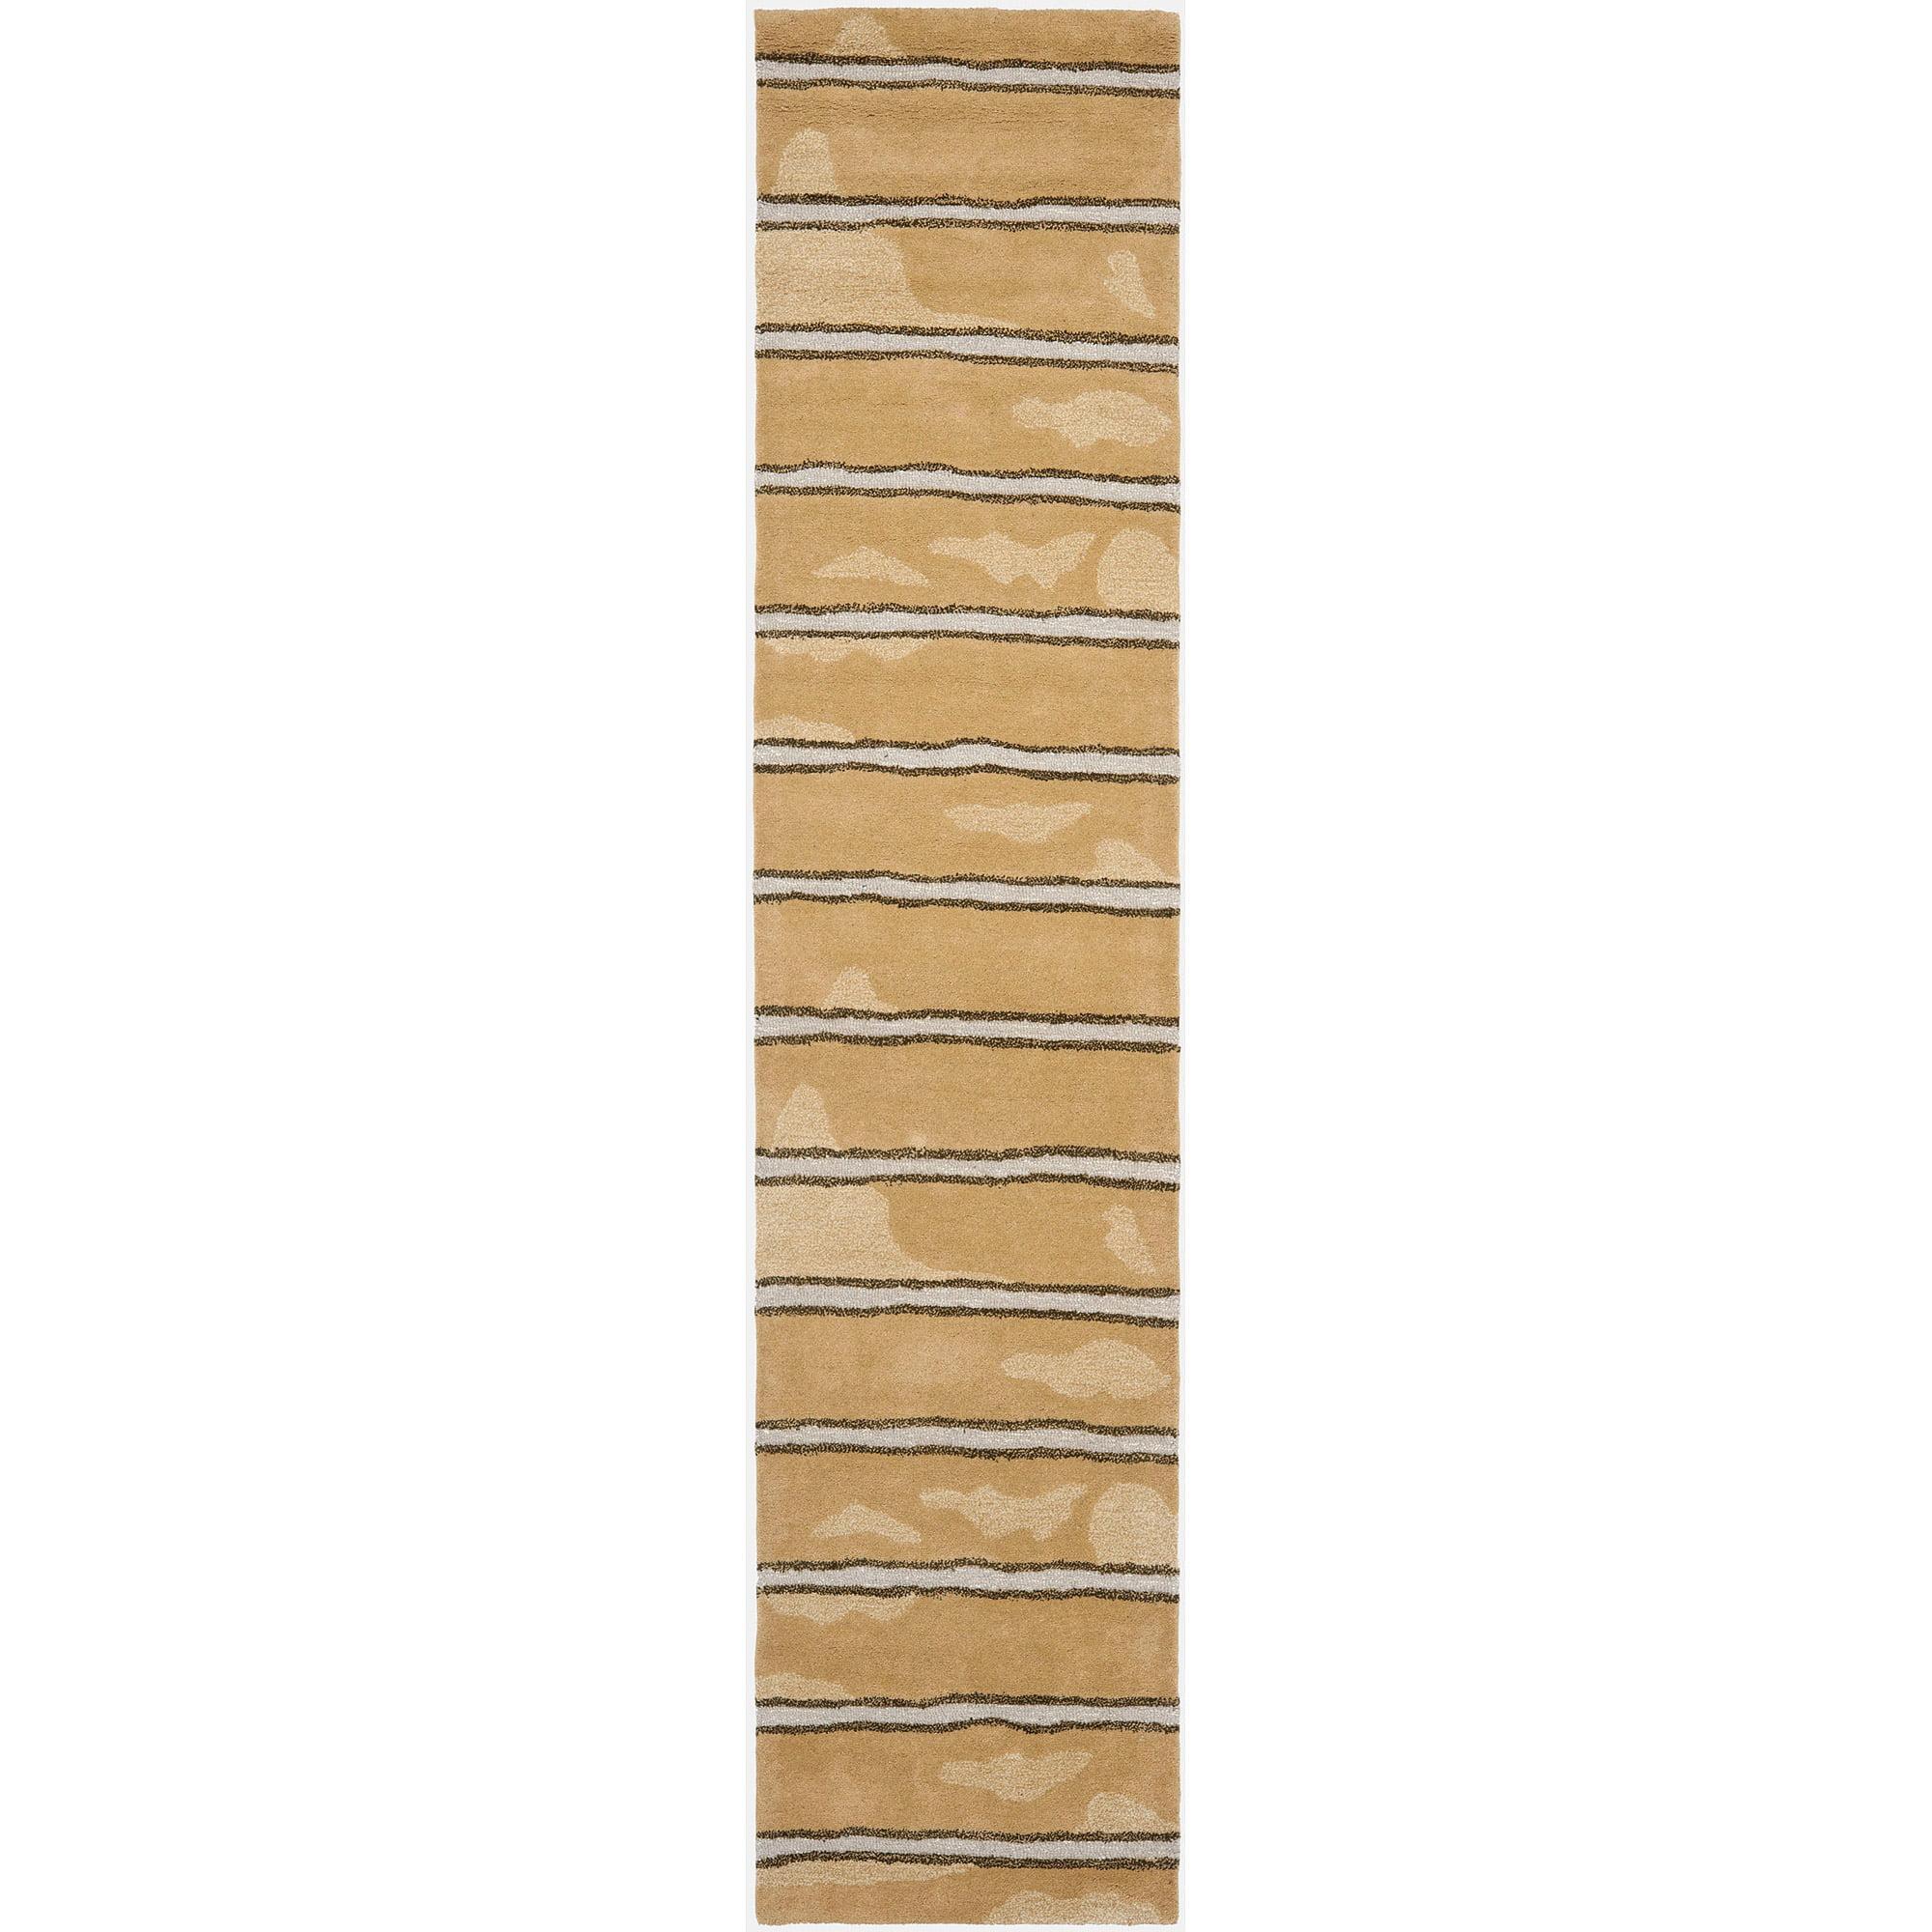 Safavieh Martha Stewart Chalk Stripe Hand-Tufted Runner Rug, Toffee Gold